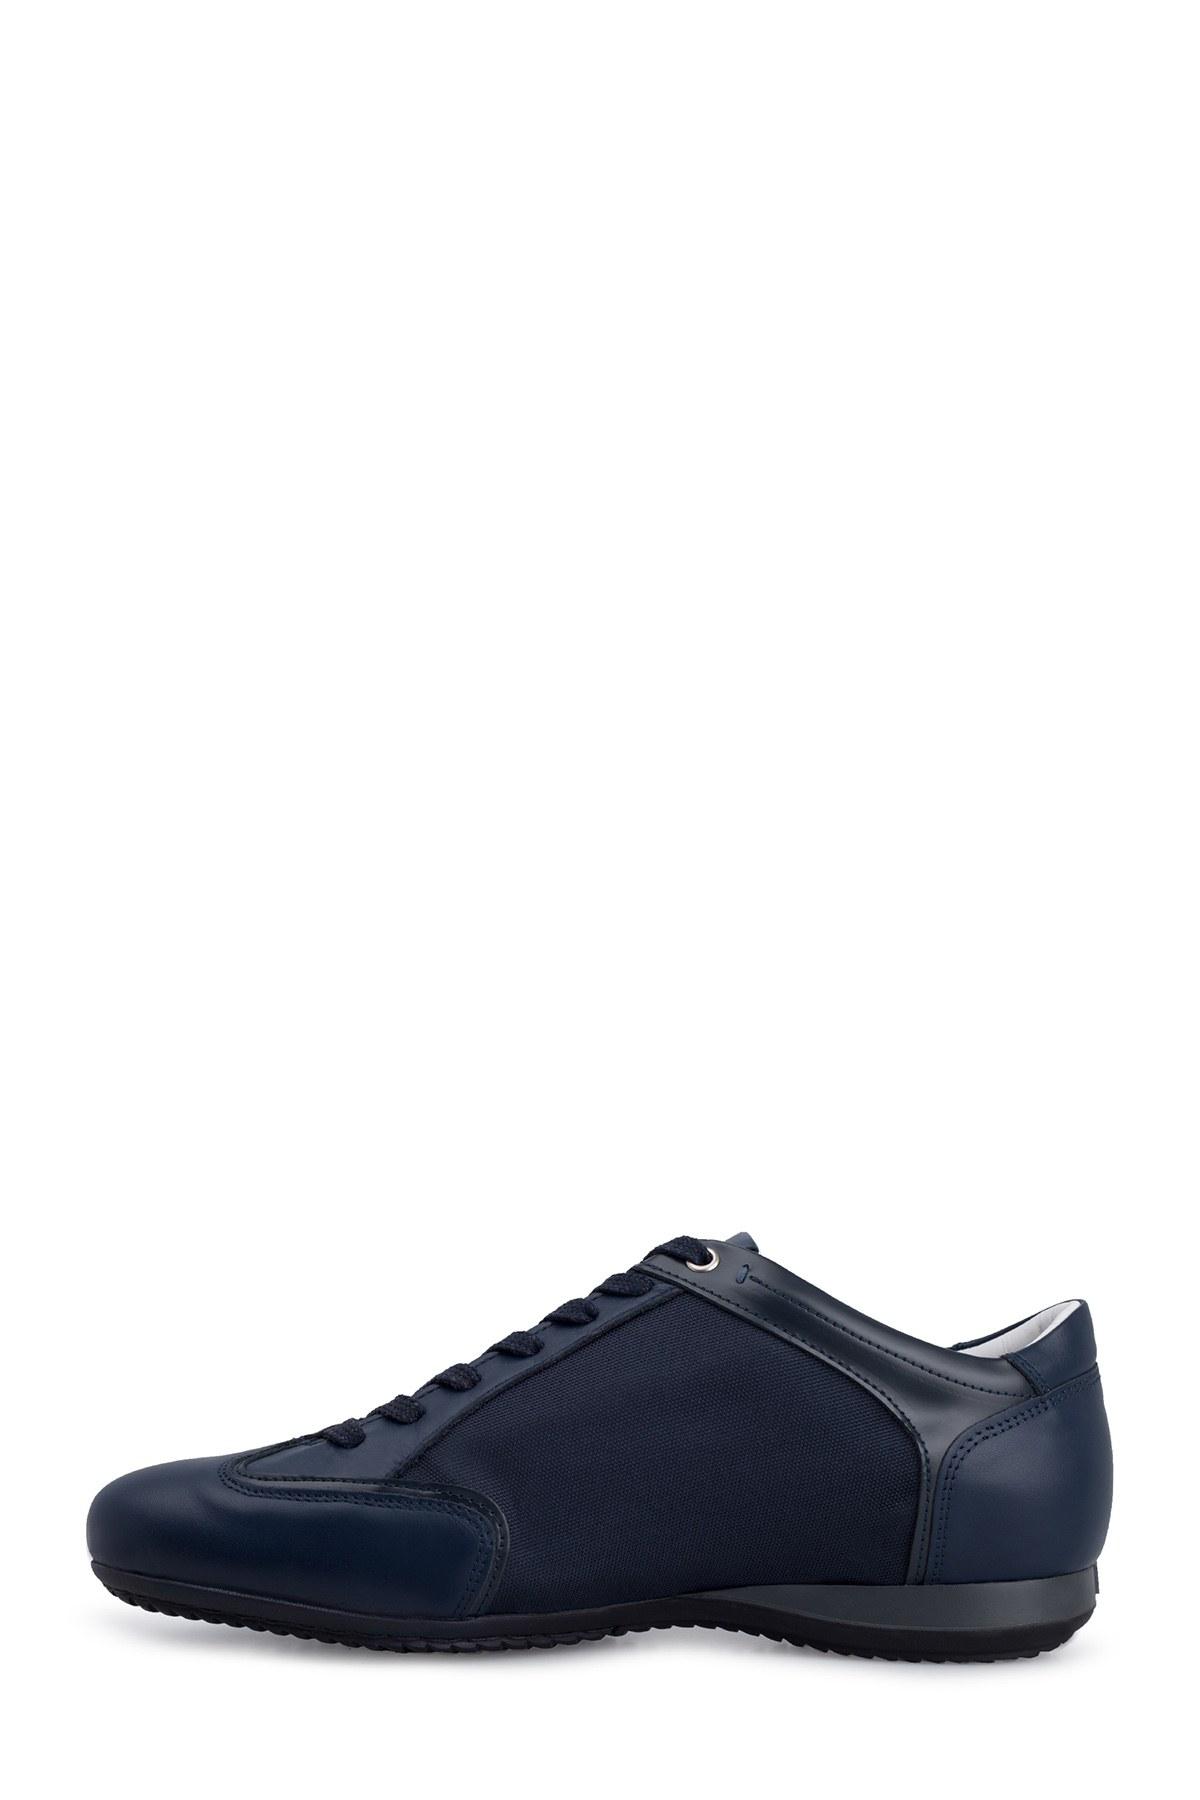 Alberto Guardiani Erkek Ayakkabı S AGU101085 LACİVERT